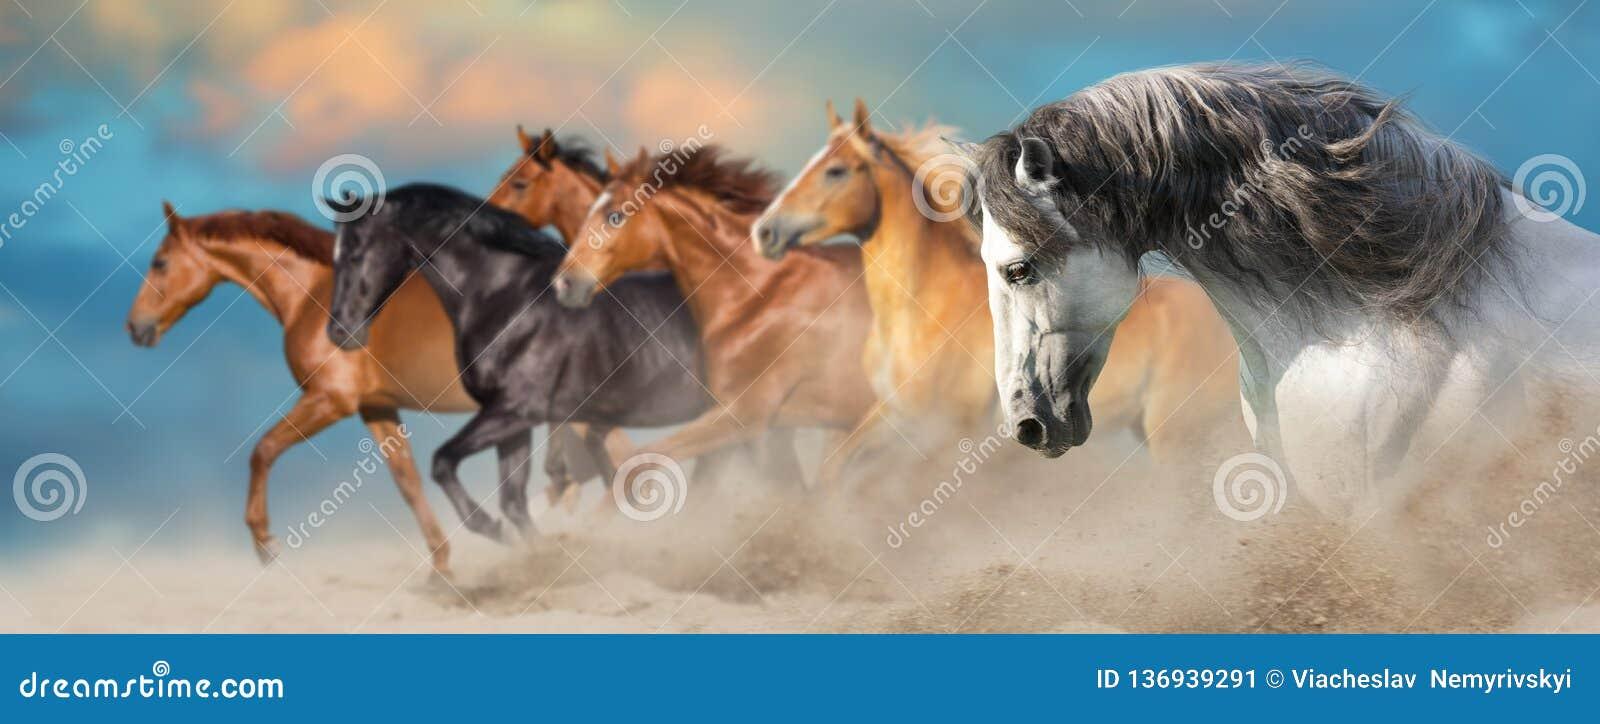 Los caballos se cierran encima del retrato